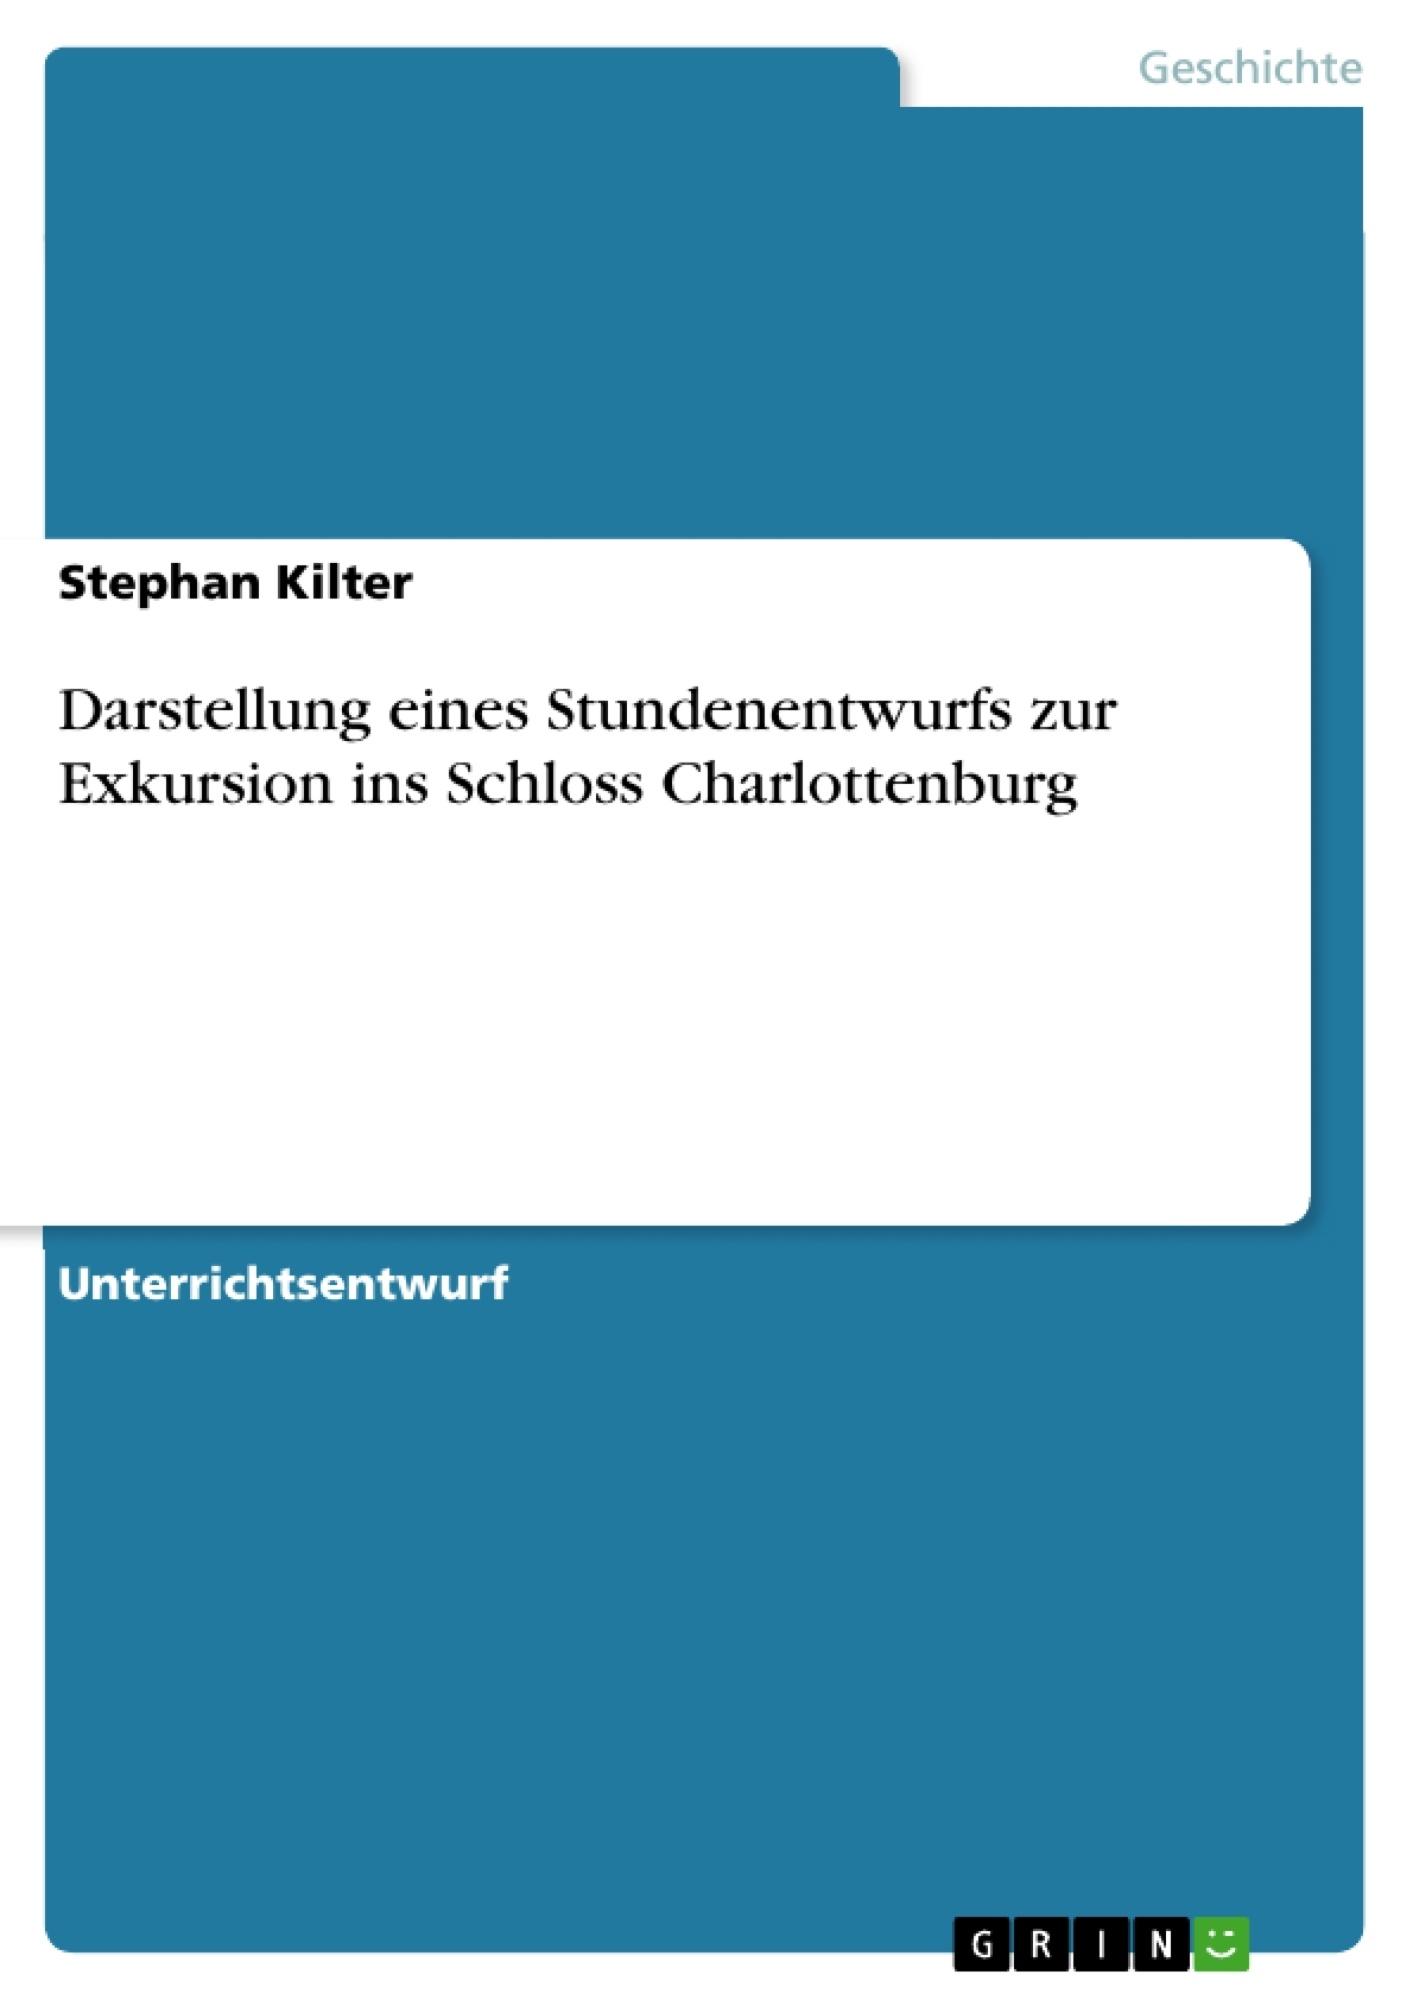 Titel: Darstellung eines Stundenentwurfs zur Exkursion ins Schloss Charlottenburg